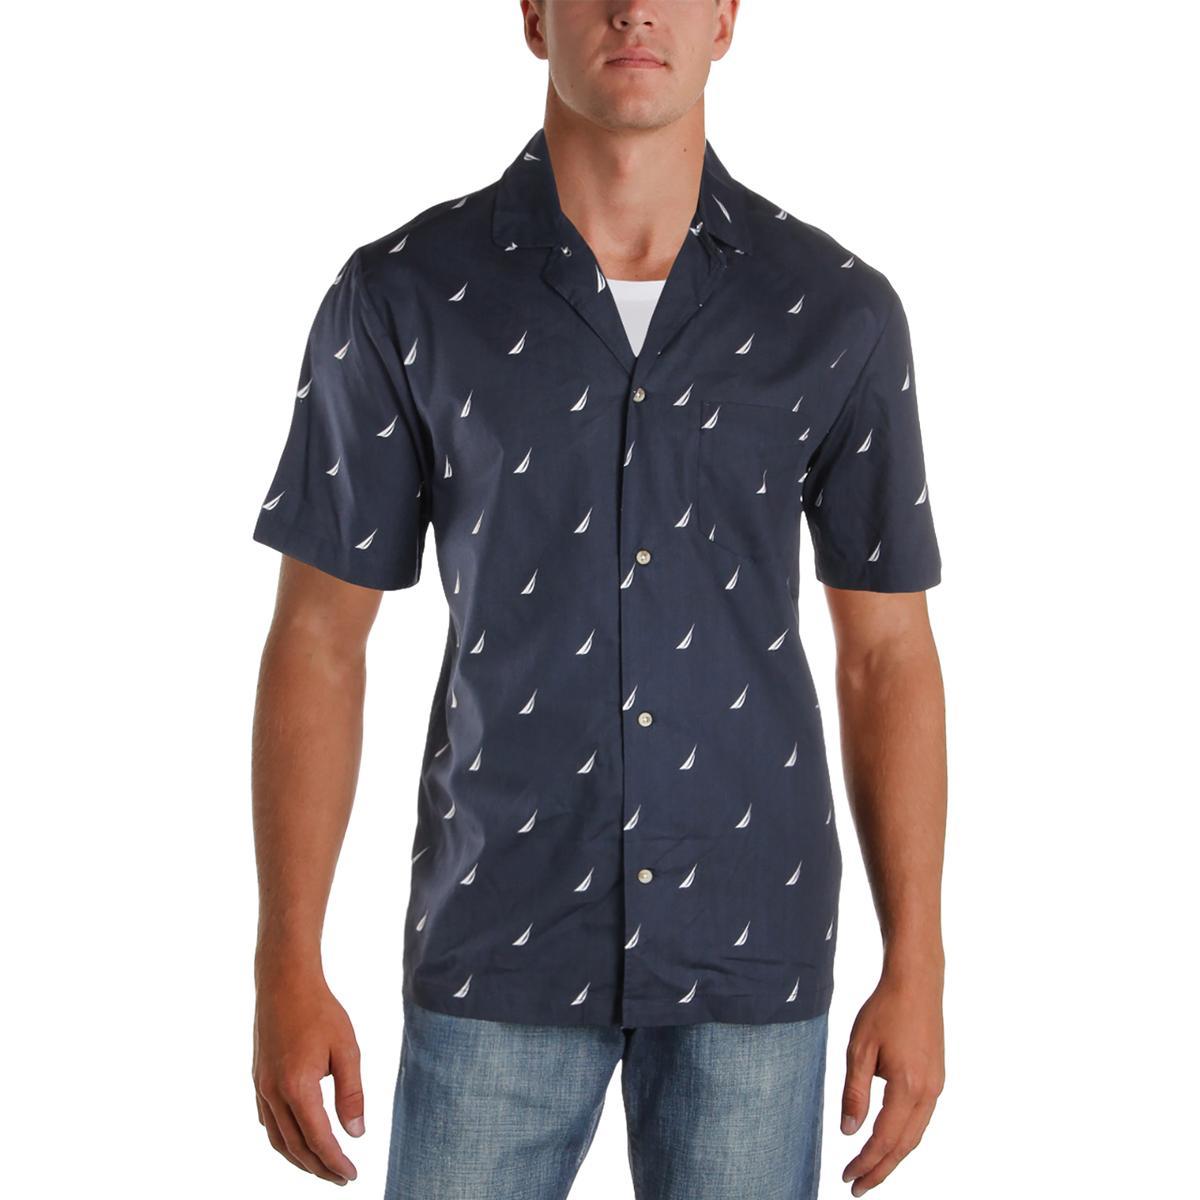 b0f11a20f3 Details about Nautica Sleepwear Mens Cotton Woven Short Sleeve Sleep Shirt  Top BHFO 4317